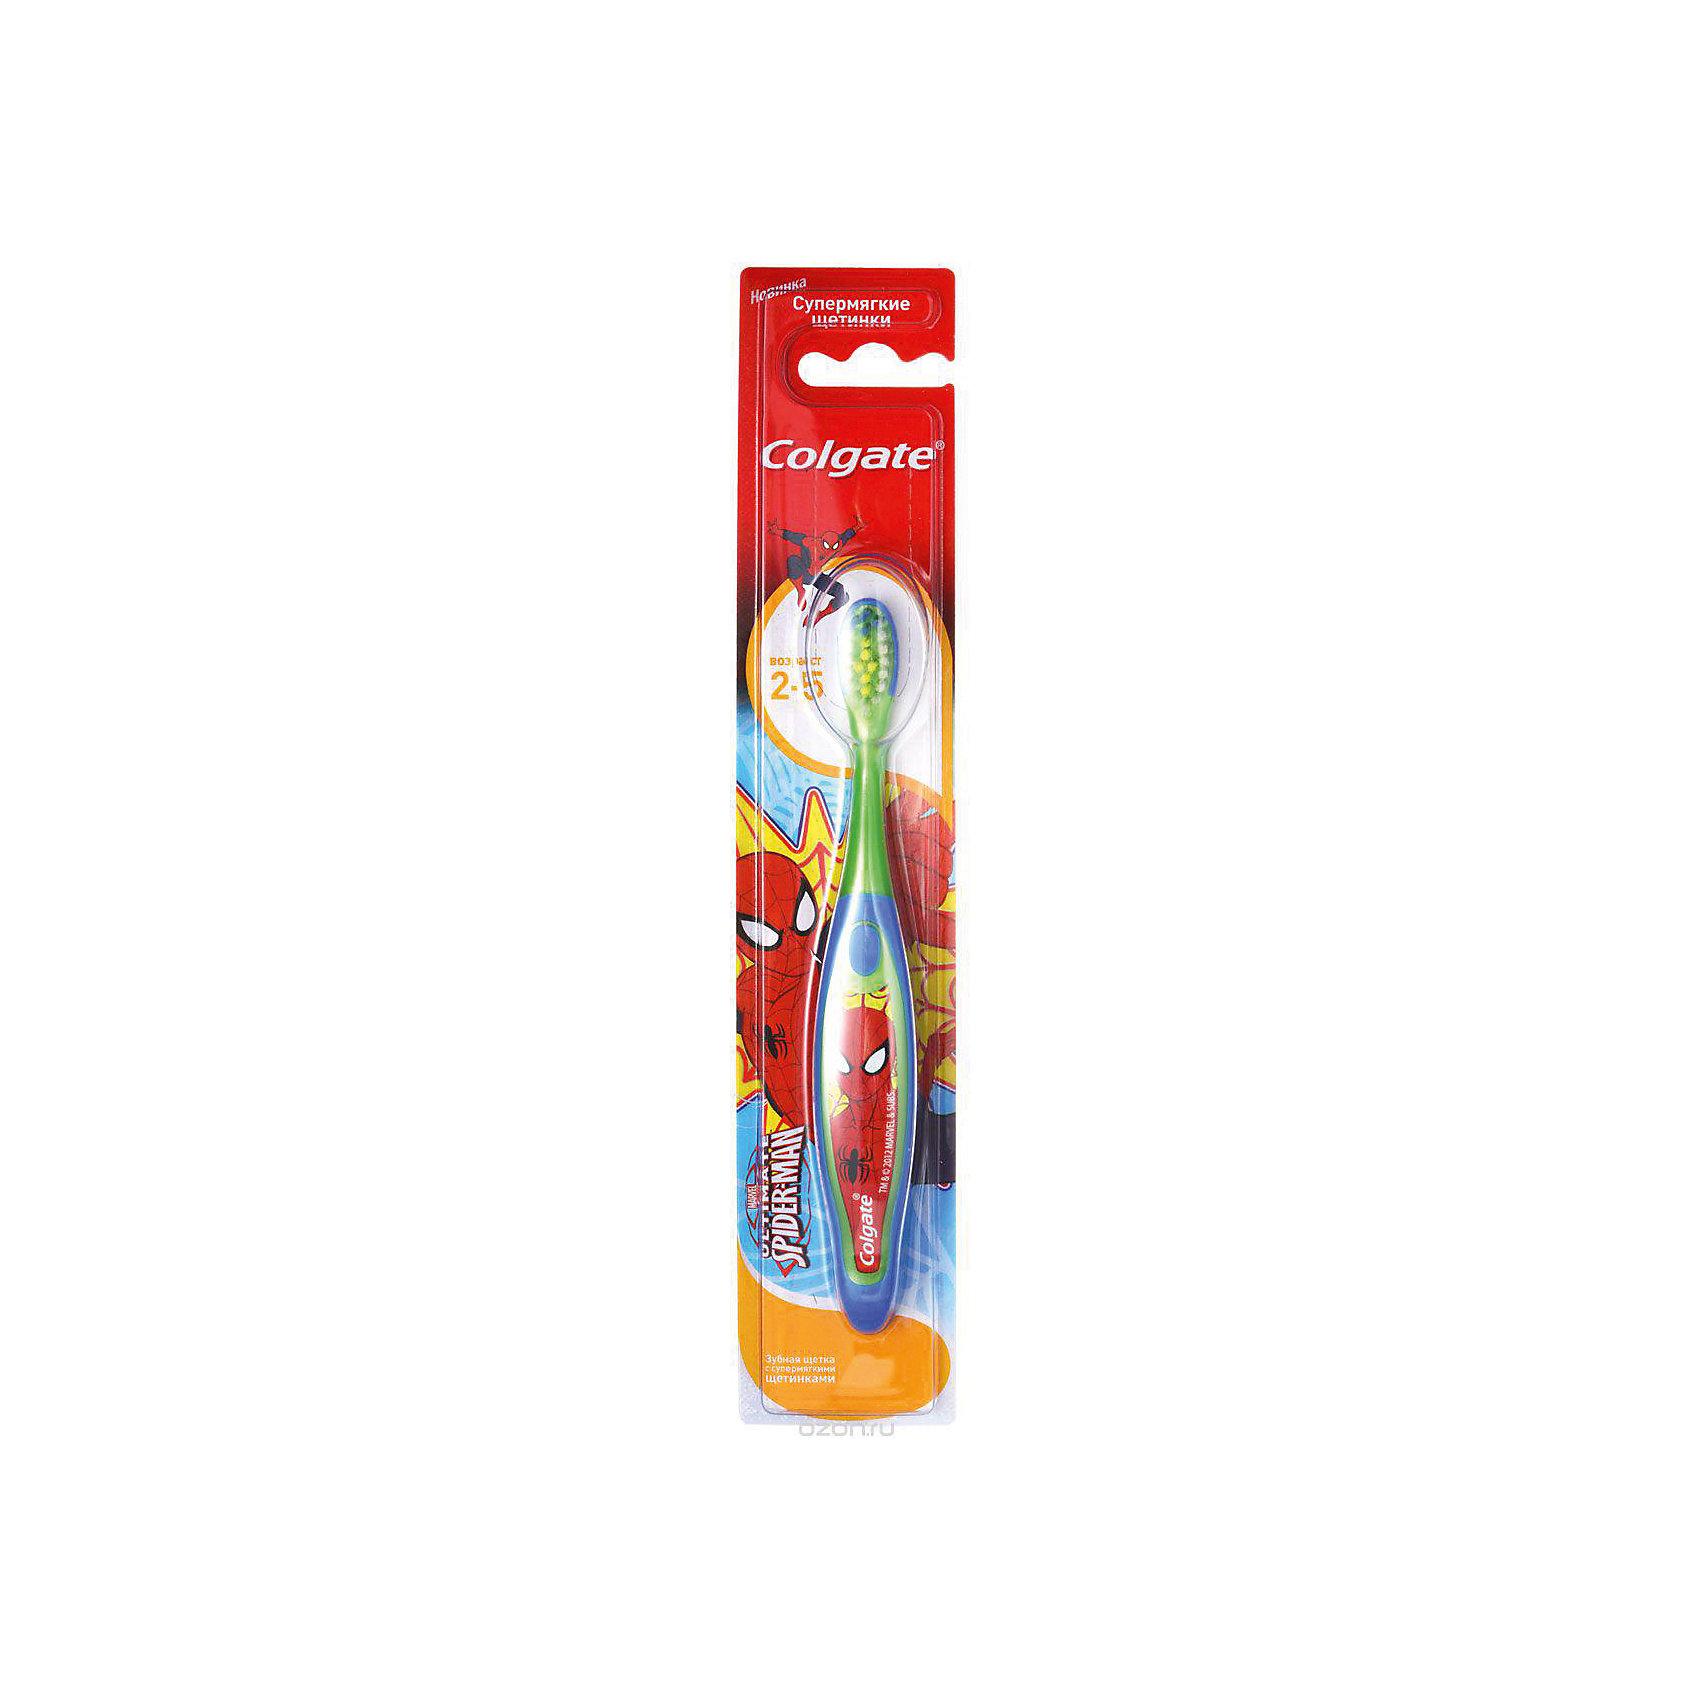 Зубная щётка для детей от 2 до 5 лет SpiderMan, Colgate, синий/зеленыйЗубная щётка для детей от 2 до 5 лет SpiderMan, от знаменитого бренда Colgate (Колгейт). Новая коллекция по уходу за ротовой полостью специально разработана компанией, чтобы дети могли использовать только лучшие щетки. Эта щеточка для зубов с озорным человеком-пауком понравятся малышам и они захотят сами чистить свои зубки. Экстра мягкие щетинки бережно очистят молочные зубки и не дадут повредить десна. Удобная ручка из пластика и резины не даст щеточке выскользнуть, а специальное углубление для большого пальчика научит интуитивно держать щетку. Небольшая закругленная щетка на тонкой ручке отлично подойдет для маленького ротика и достанет до удаленных уголков, а выделенная центральная часть щетки покажет сколько нужно наносить зубной пасты.<br>Дополнительная информация:<br>- В комплект входит: одна зубная щетка<br>Зубная щётка для детей от 2 до 5 лет SpiderMan, Colgate (Колгейт) можно купить в нашем интернет-магазине.<br>Подробнее:<br>• Для детей в возрасте: от 2 до 5 лет<br>• Номер товара: 5008300<br>Страна производитель: Китай<br><br>Ширина мм: 300<br>Глубина мм: 100<br>Высота мм: 50<br>Вес г: 100<br>Возраст от месяцев: 0<br>Возраст до месяцев: 36<br>Пол: Унисекс<br>Возраст: Детский<br>SKU: 5008300